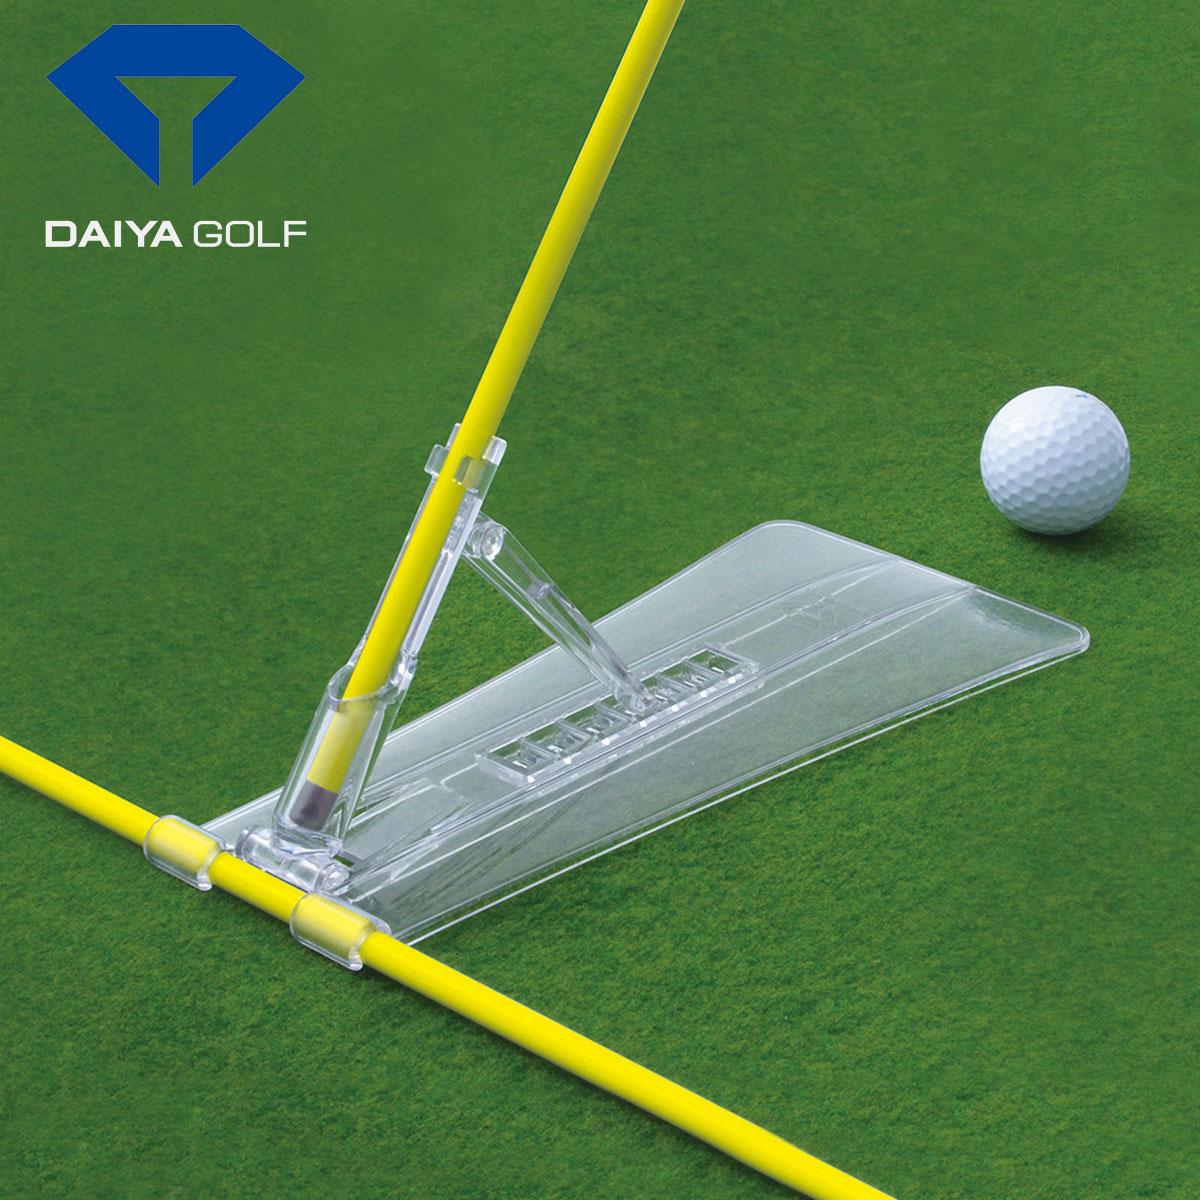 即納 DAIYA GOLF ダイヤゴルフ 安心の定価販売 日本正規品 ゴルフスイング練習用品 2020モデル ダイヤスイングアライメント あす楽対応 TR-472 日本メーカー新品